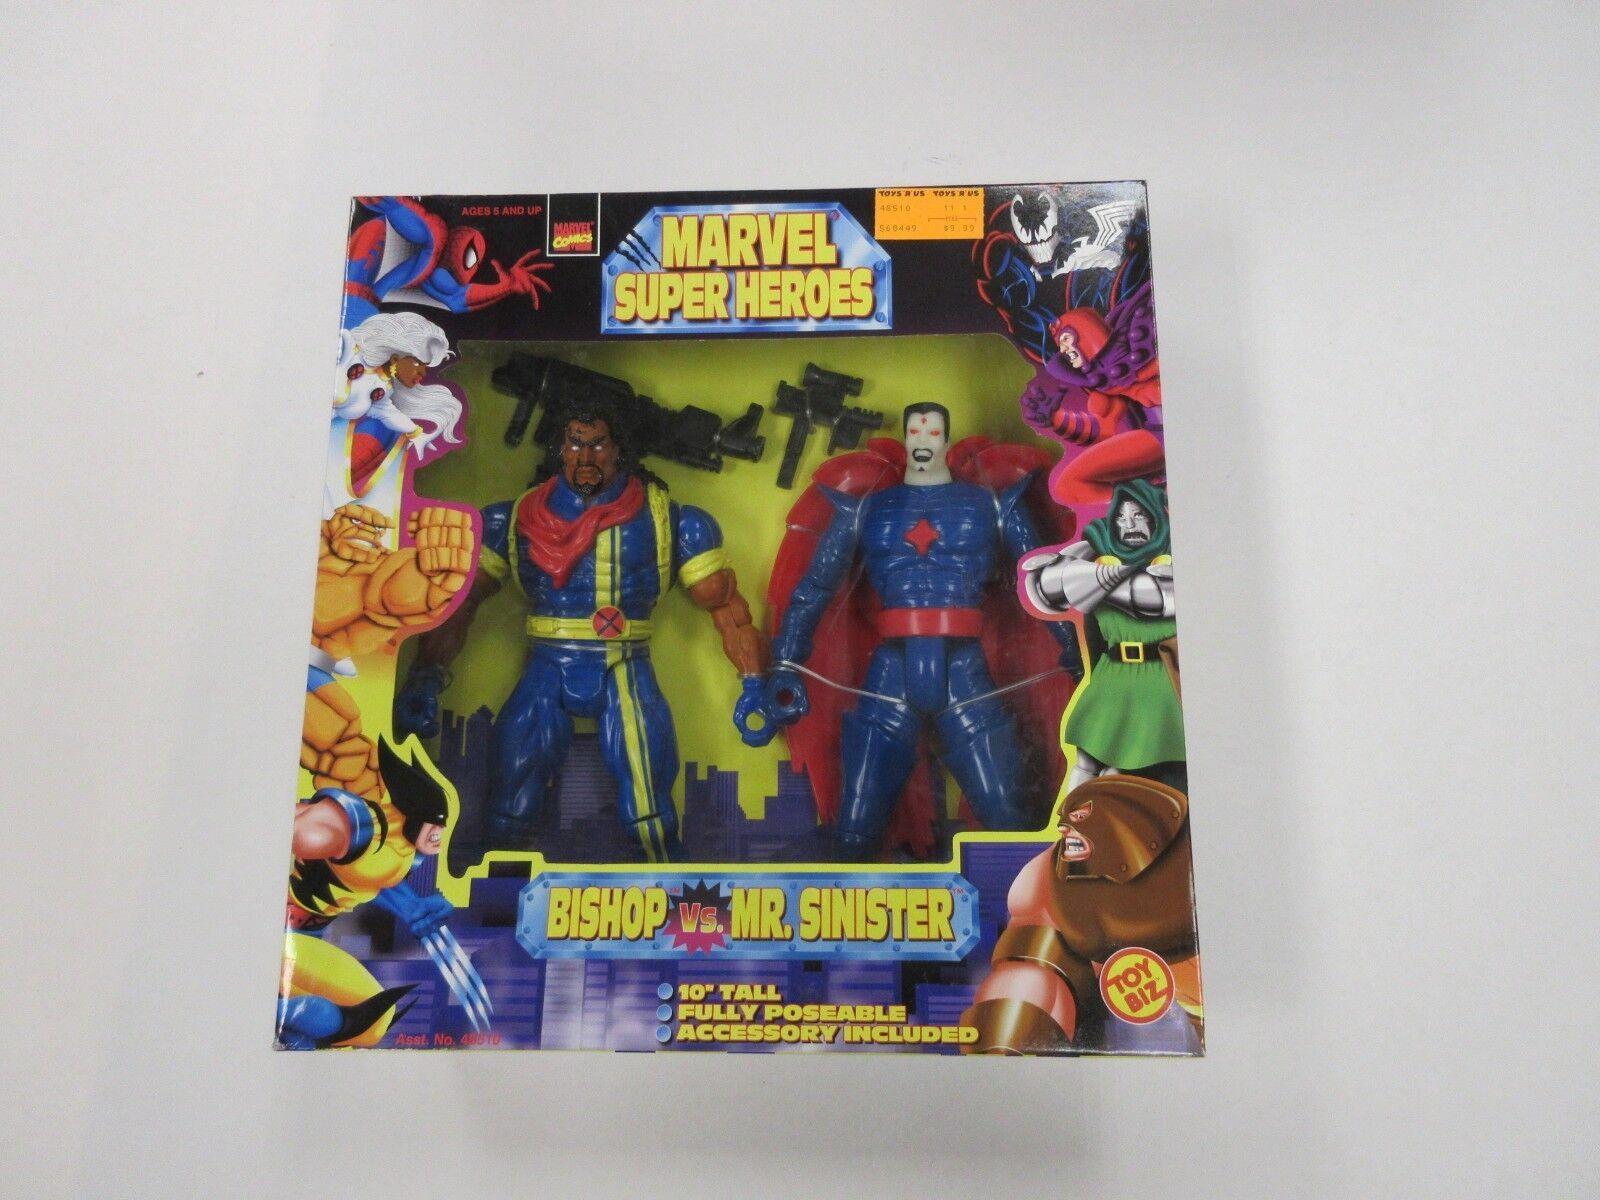 Marvel - superhelden 1997 spielzeug - biz bischof und herr finstere 10 - zoll - bild wurde versiegelt